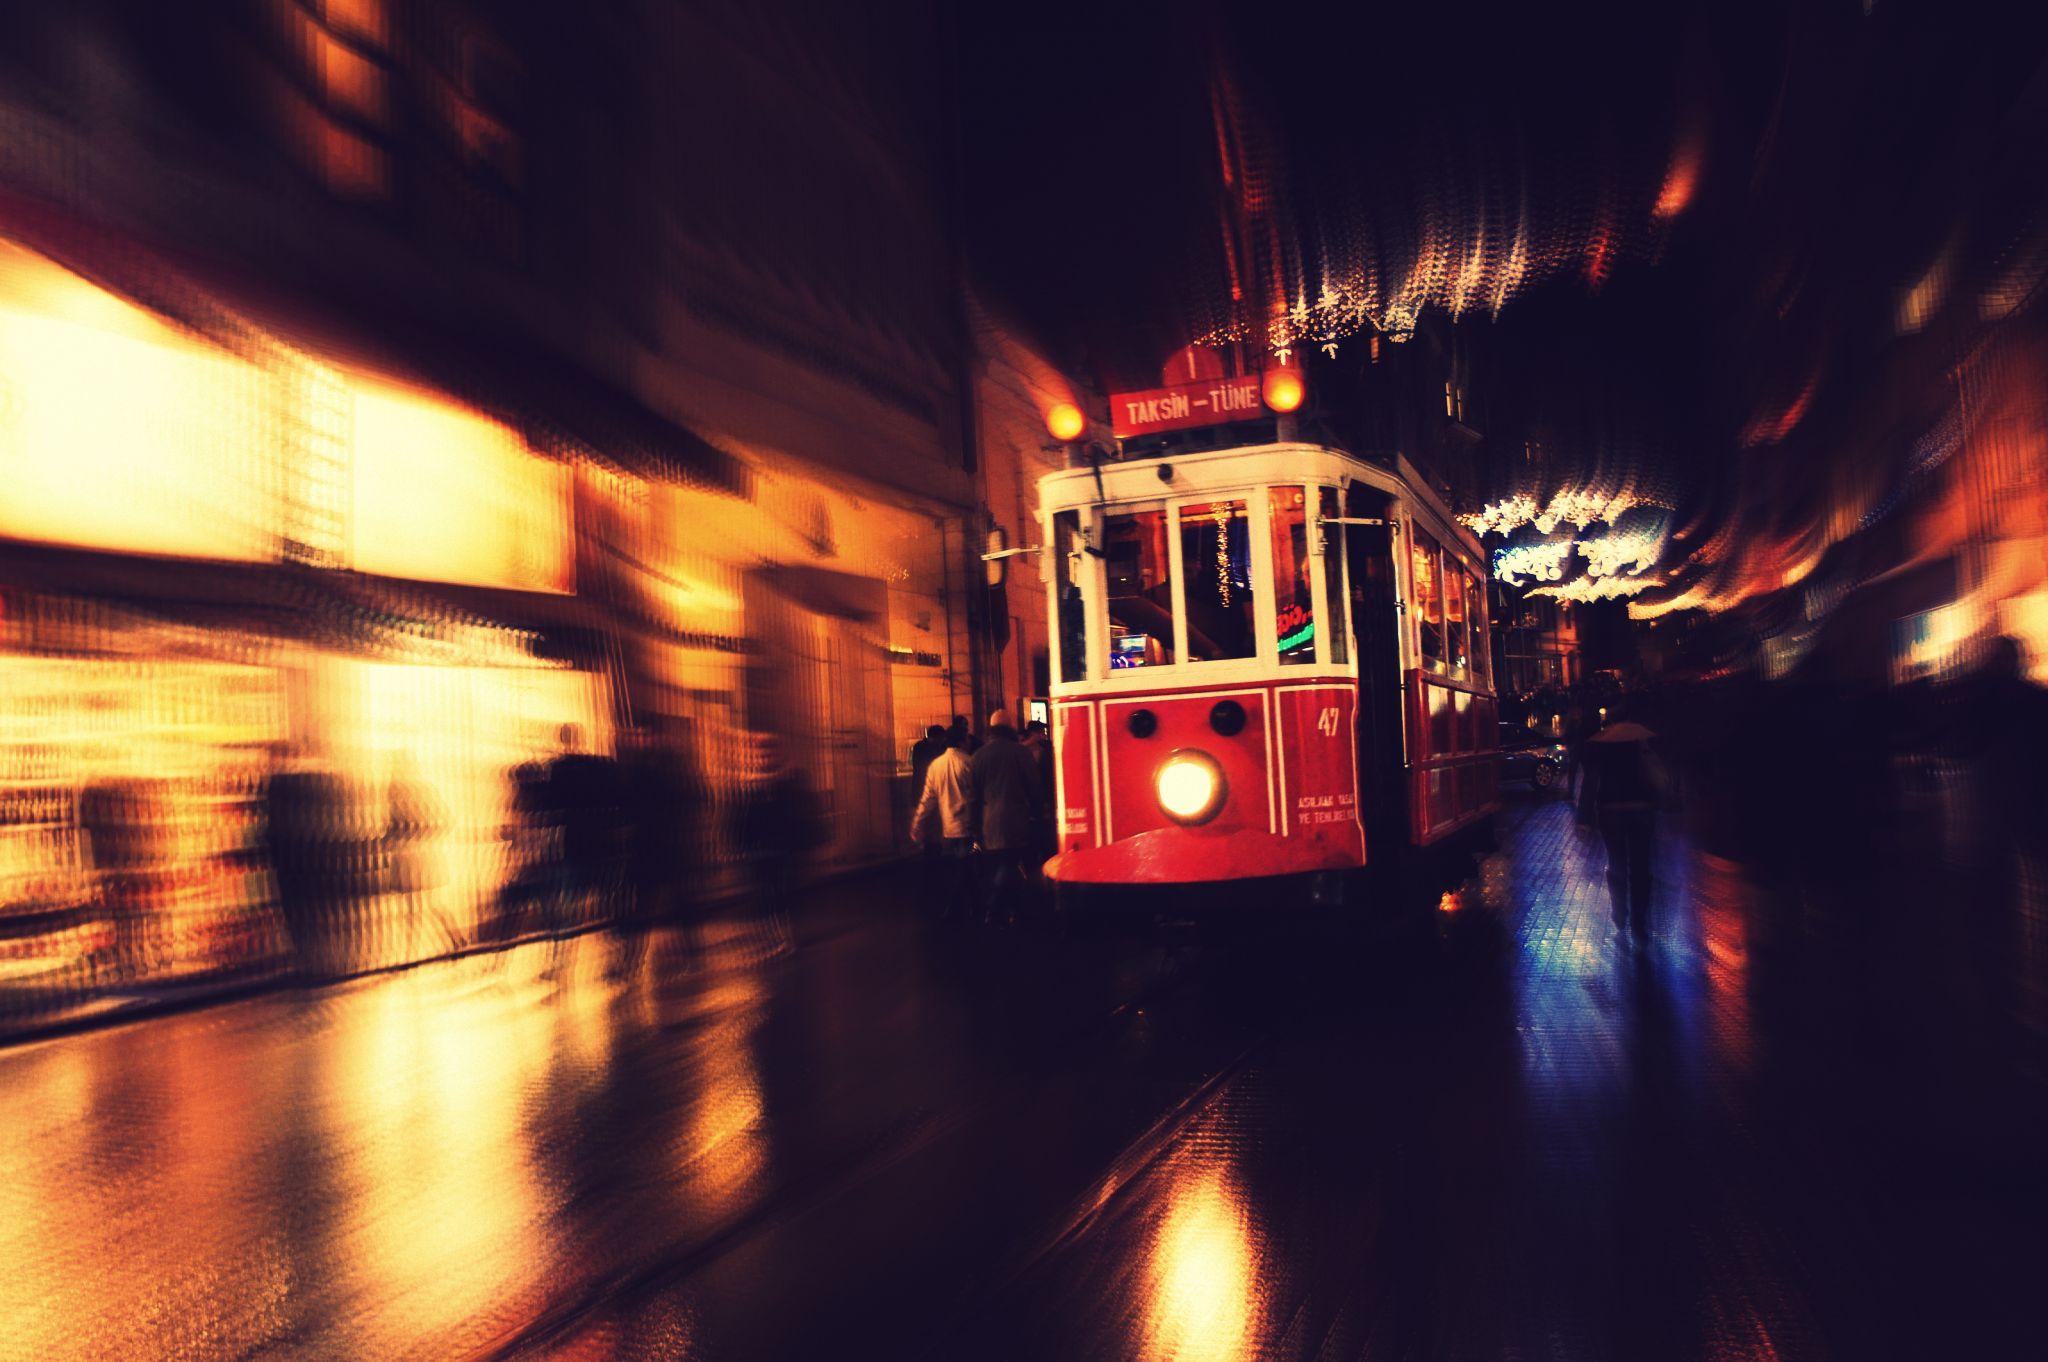 Японку в трамвае 17 фотография